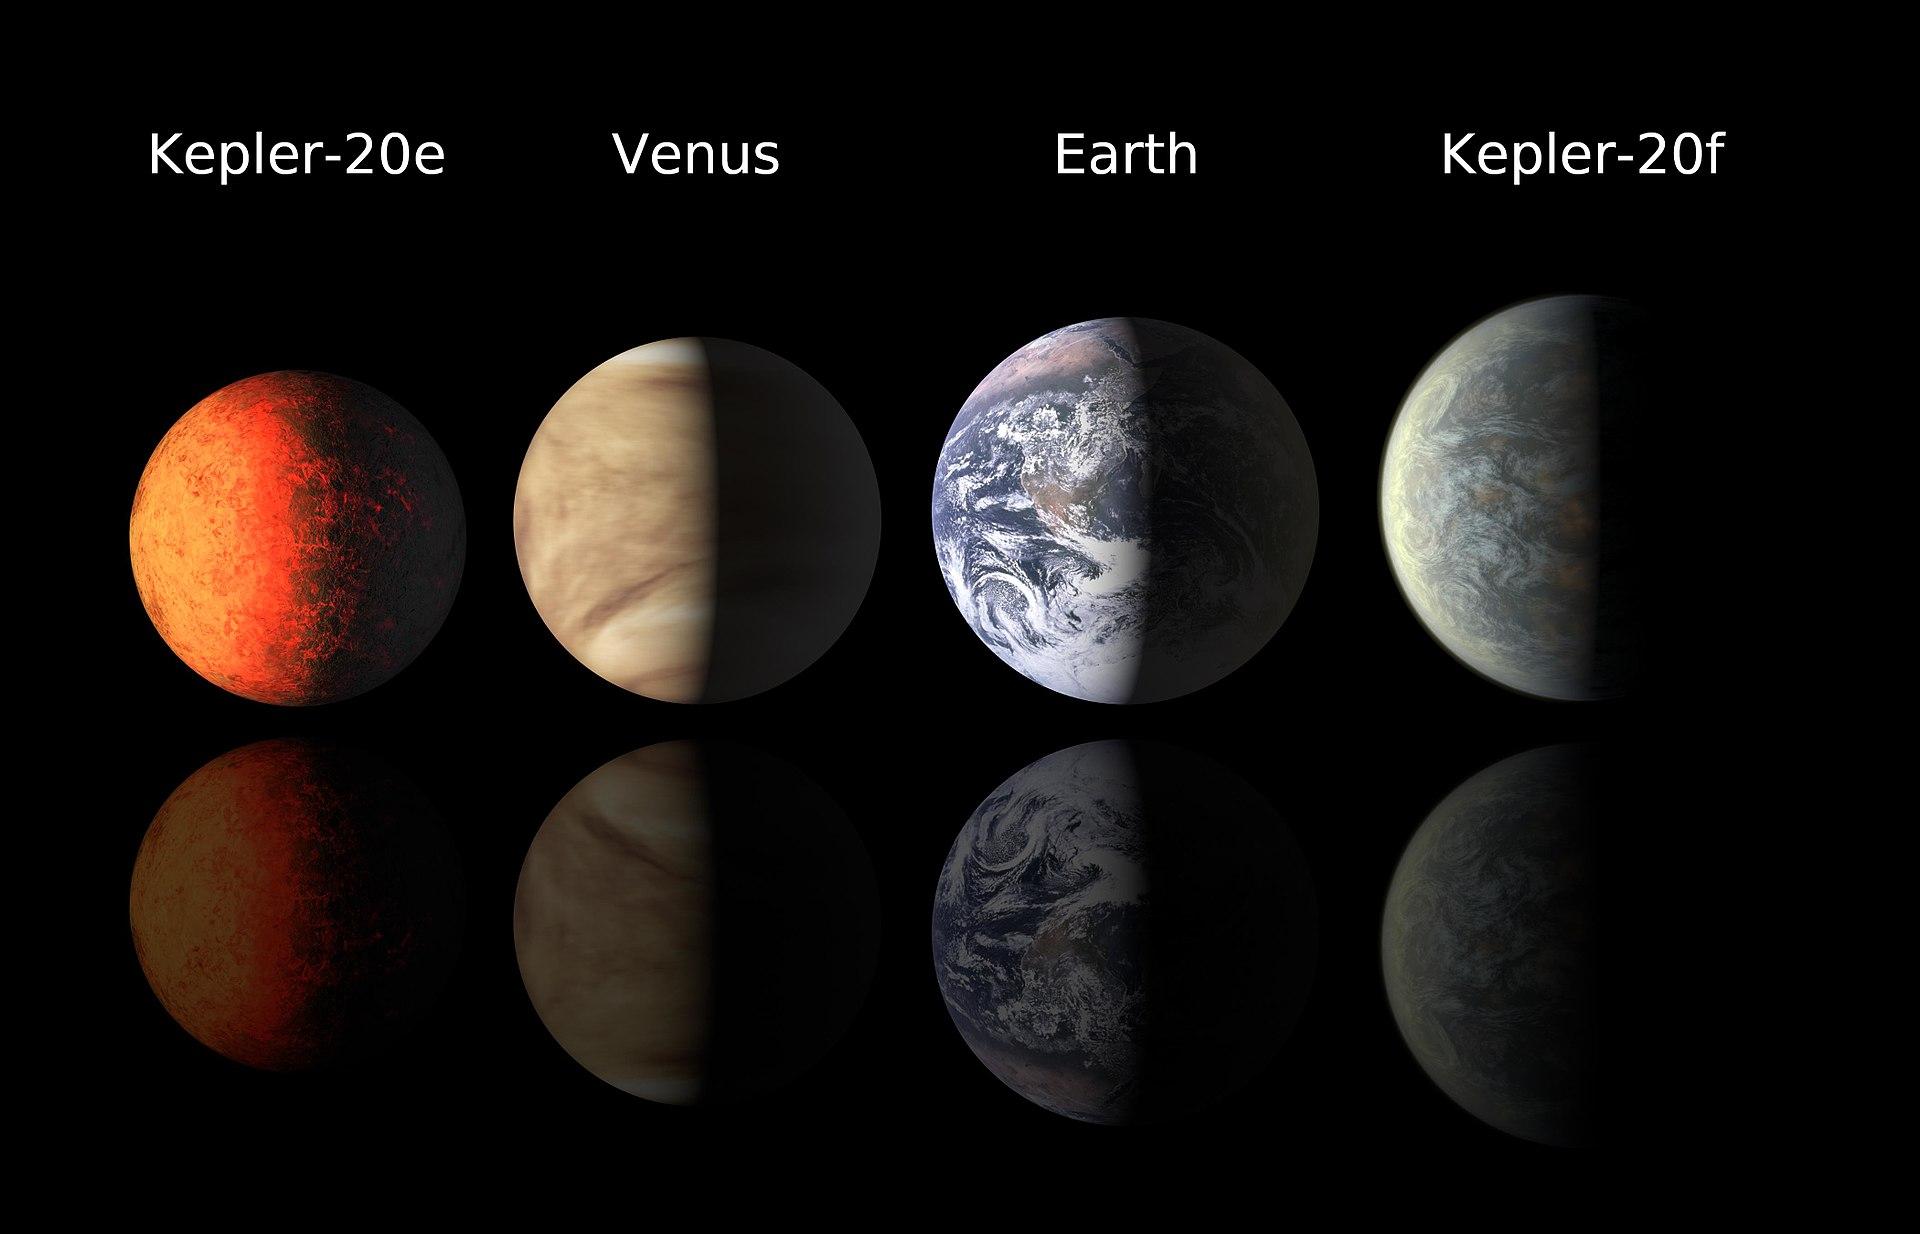 Kepler a dormir: la NASA ha tomado esta decisión porque está bajo de combustible 35